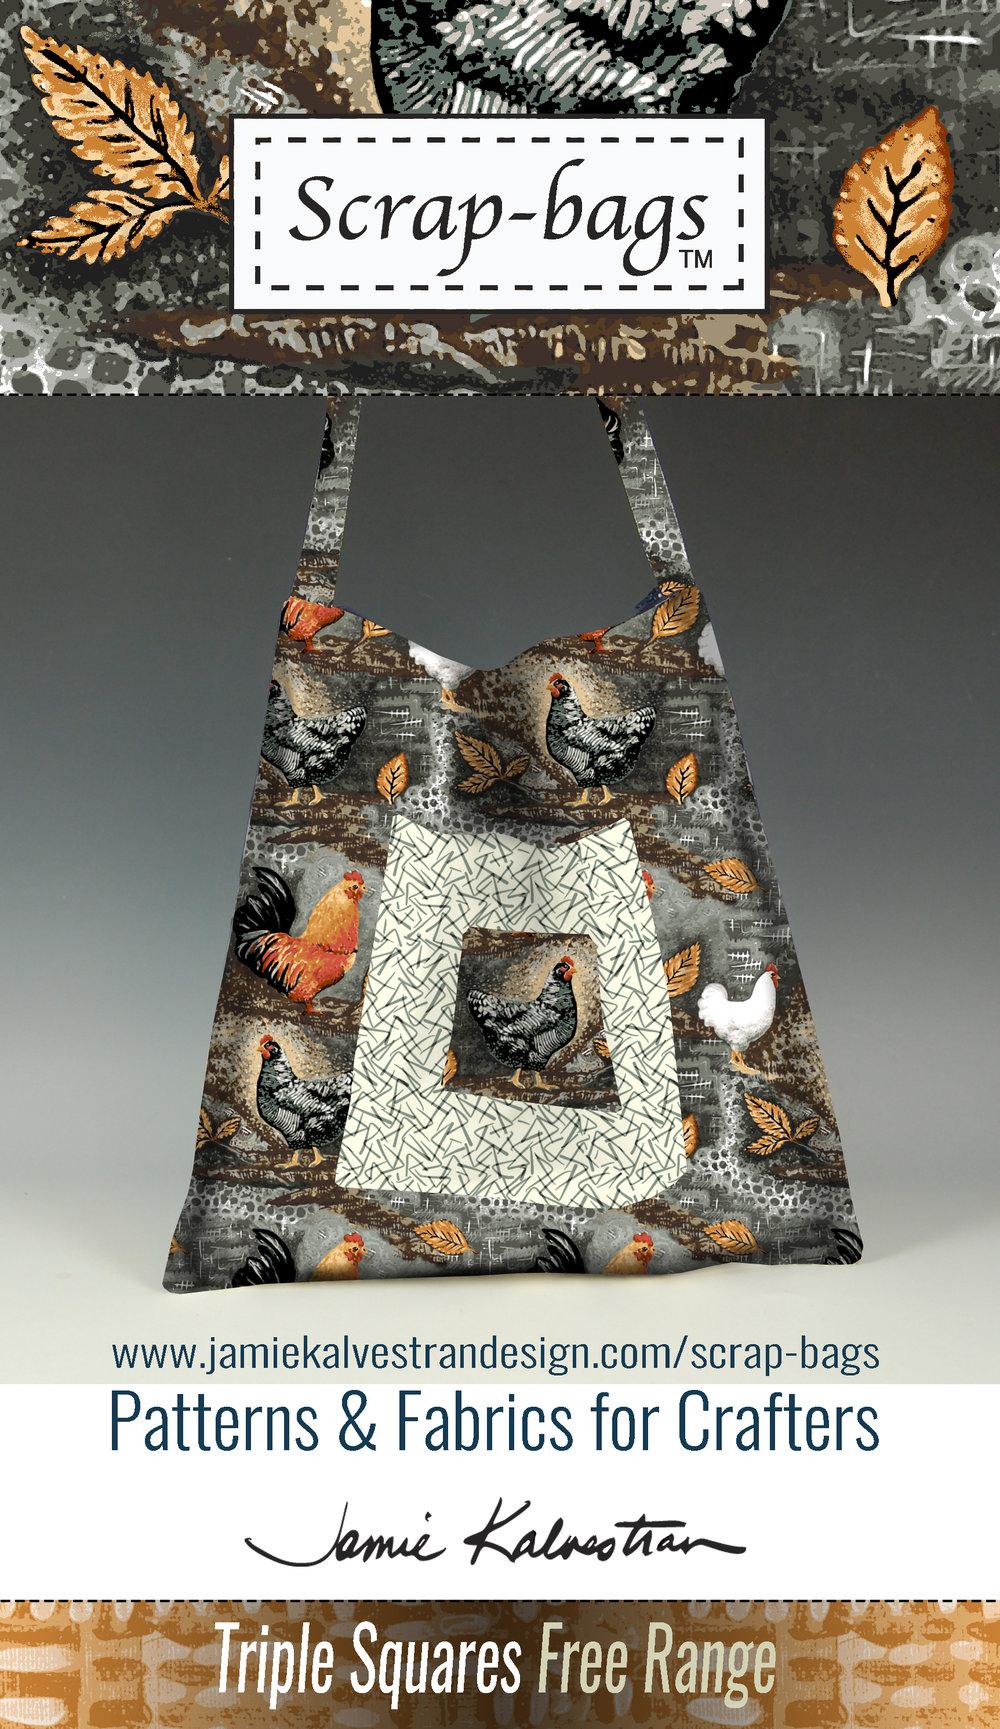 Triple_Squares_Free_Range_Jamie_Kalvestran_Scrap-bags_v.jpg